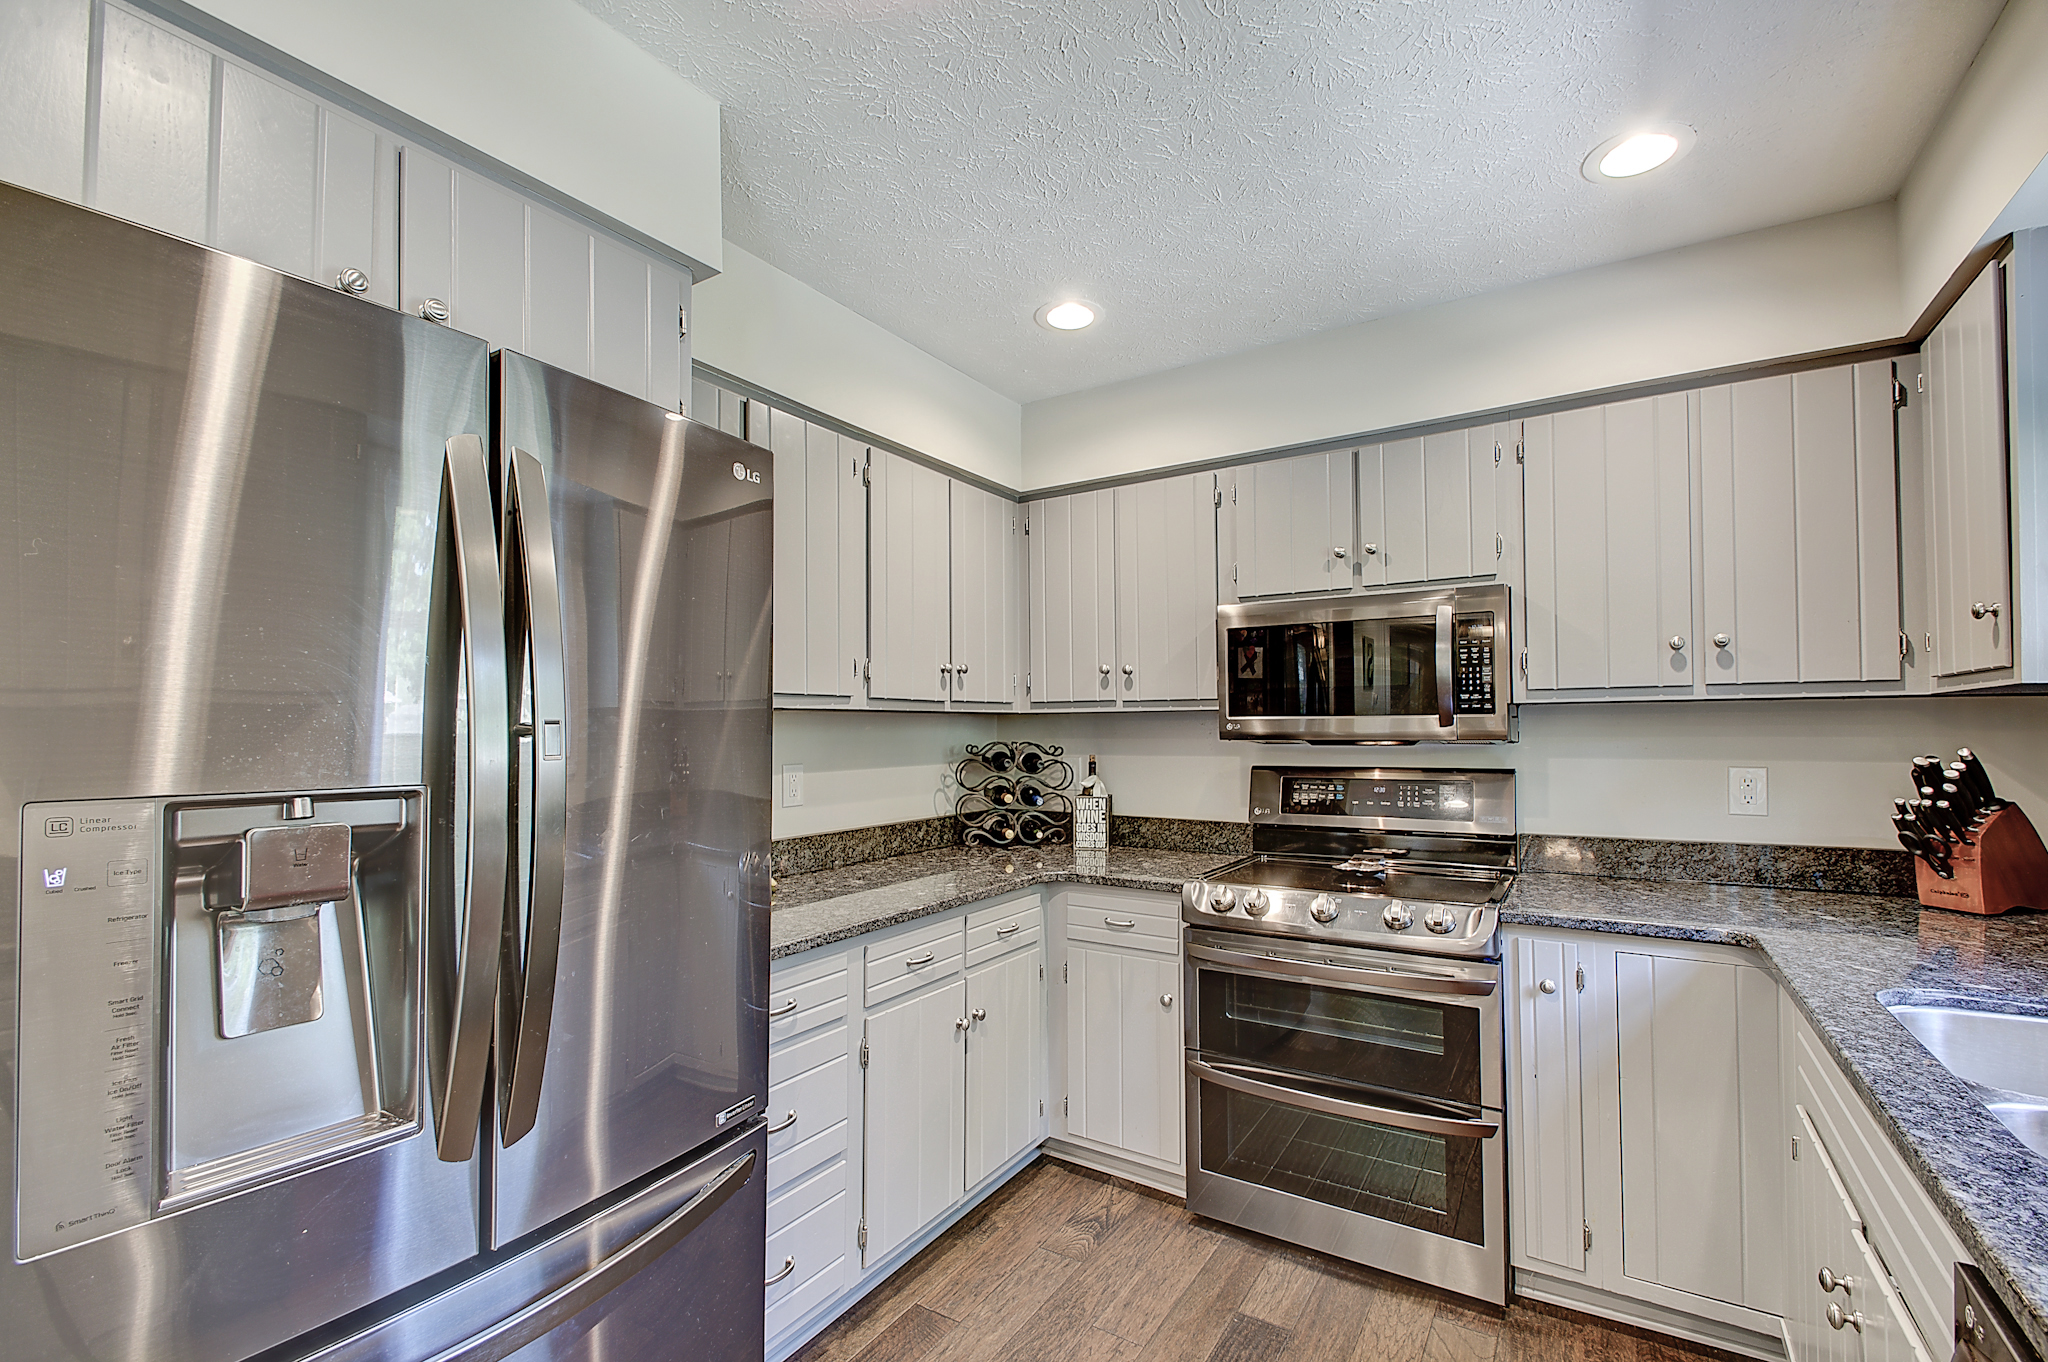 7-Kitchen View 2.jpg